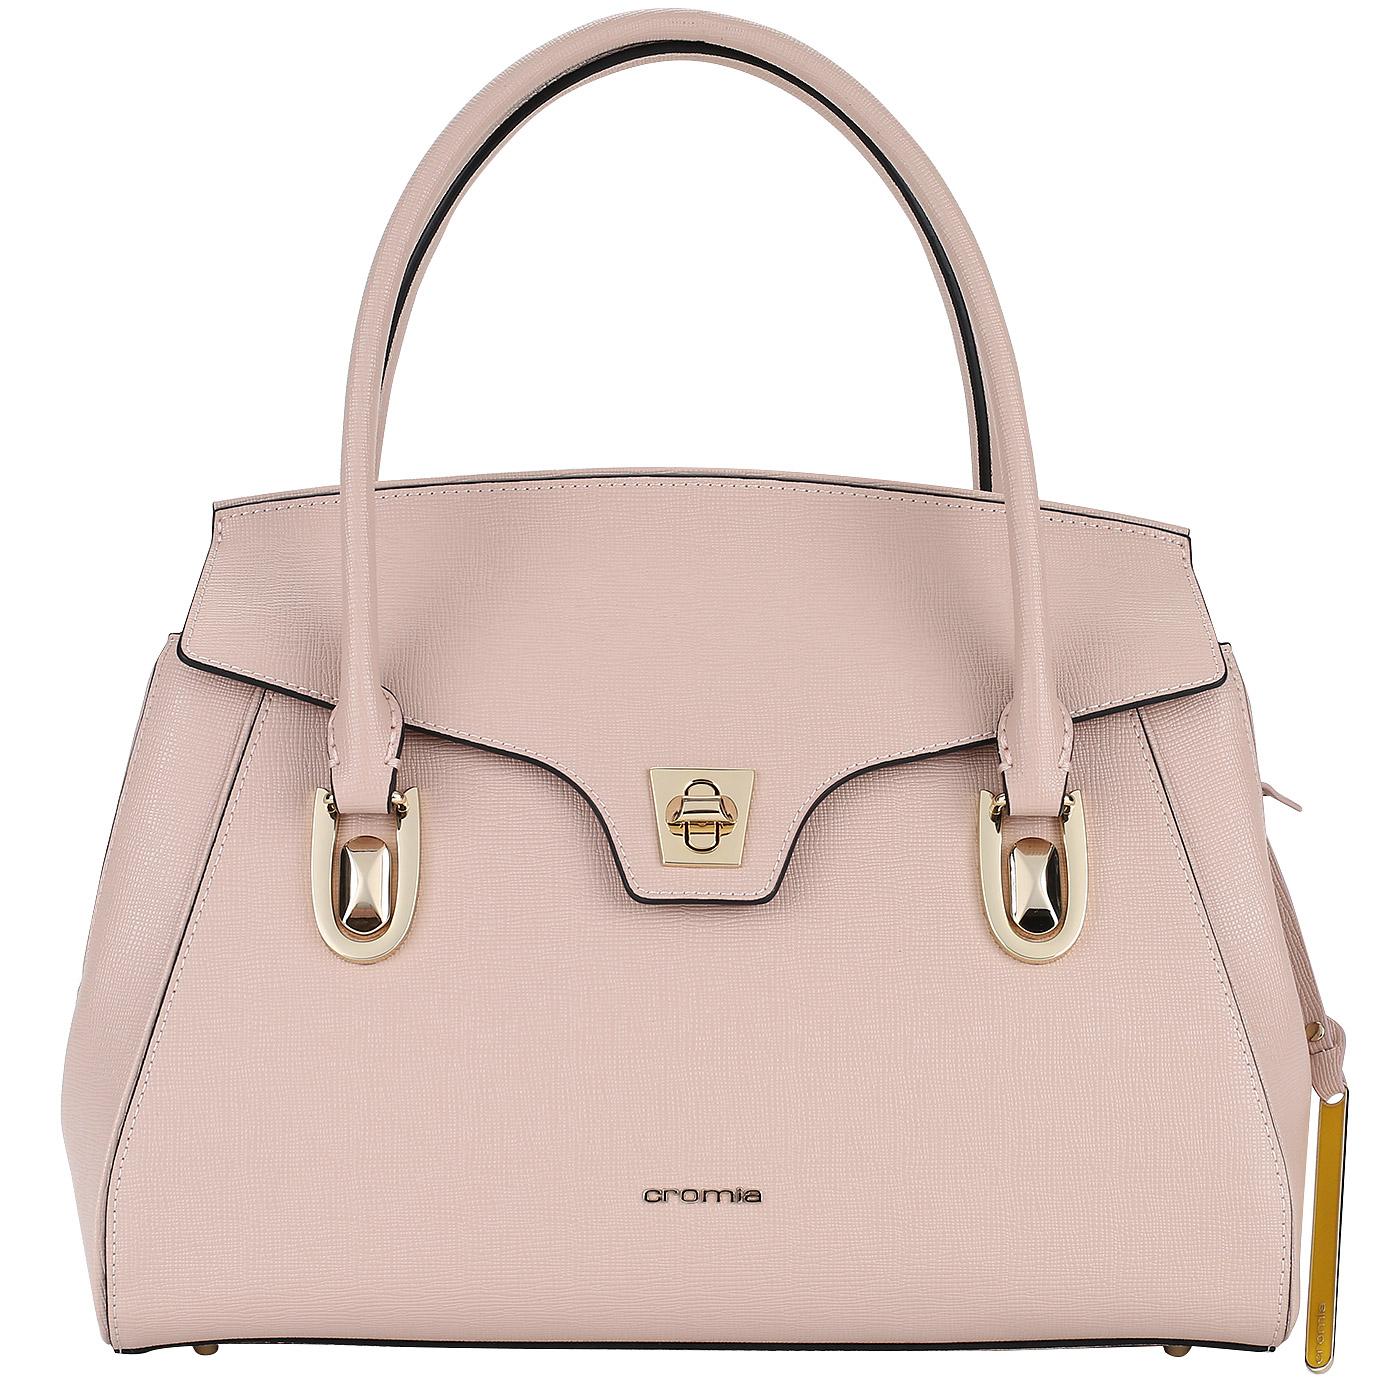 7958131cbcad Розовая сумка из натурального сафьяна с длинными ручками Cromia Mina ...